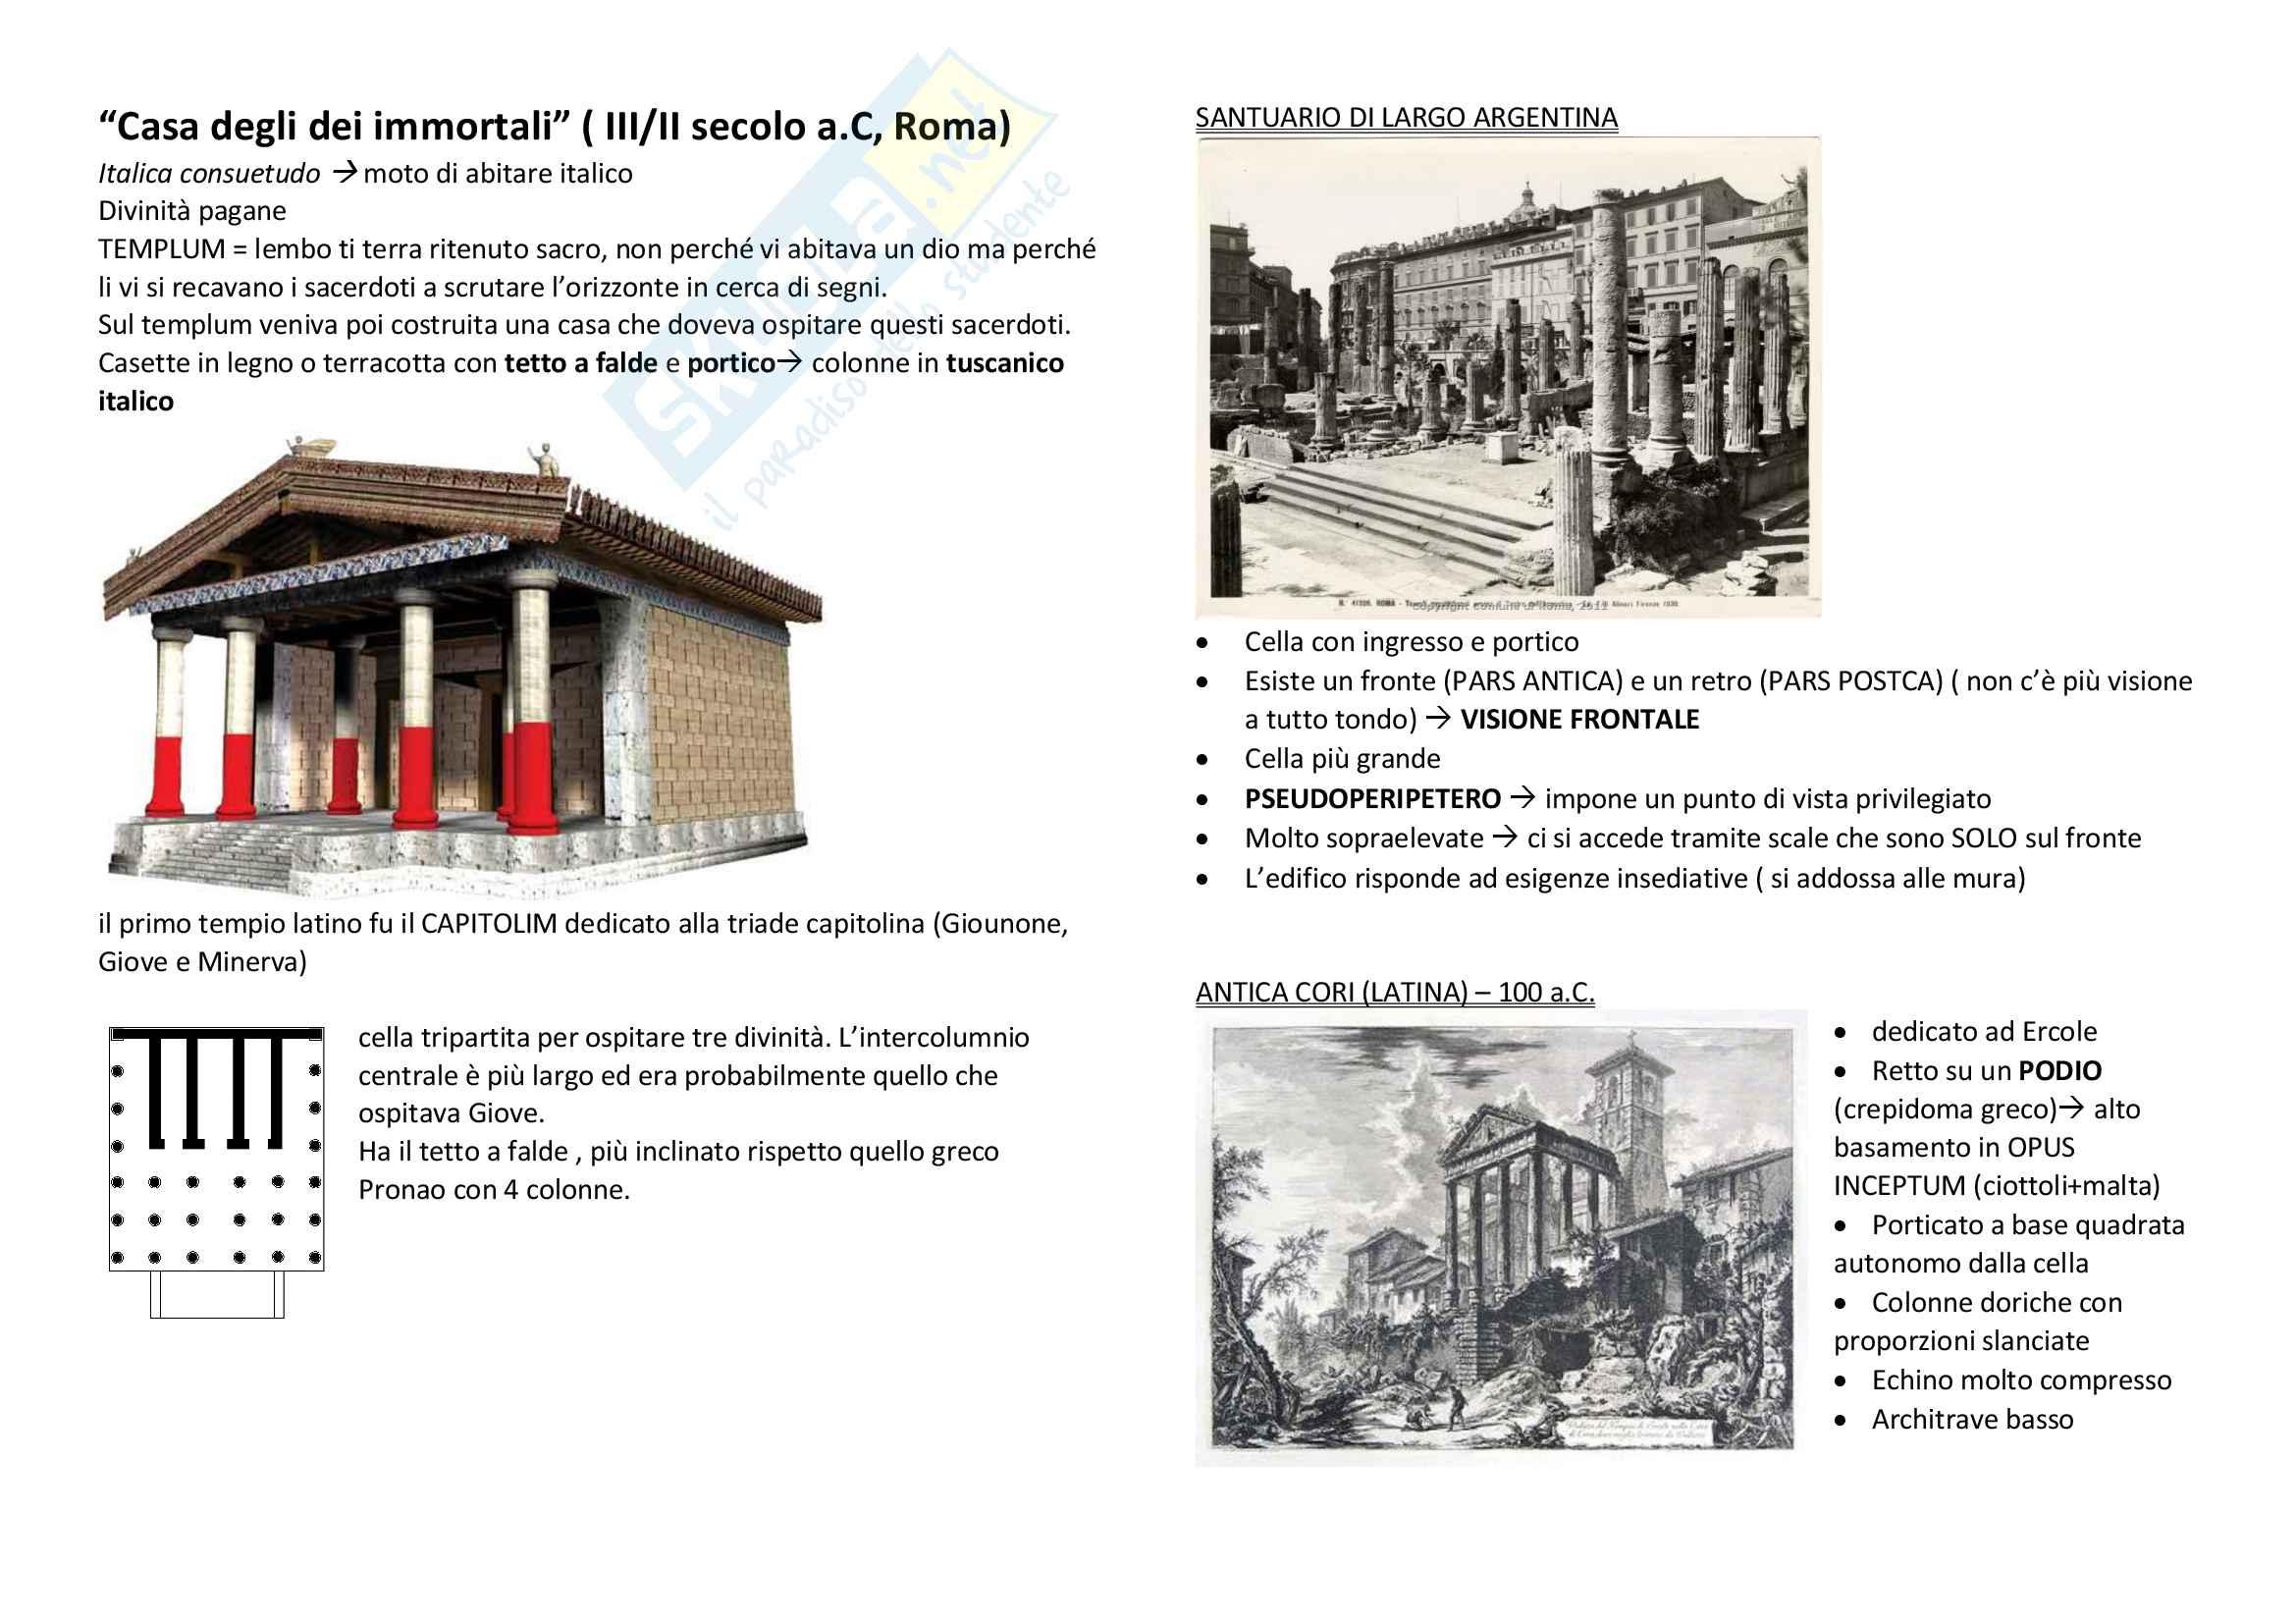 Storia dell'architettura dalle origini al '600 Pag. 6